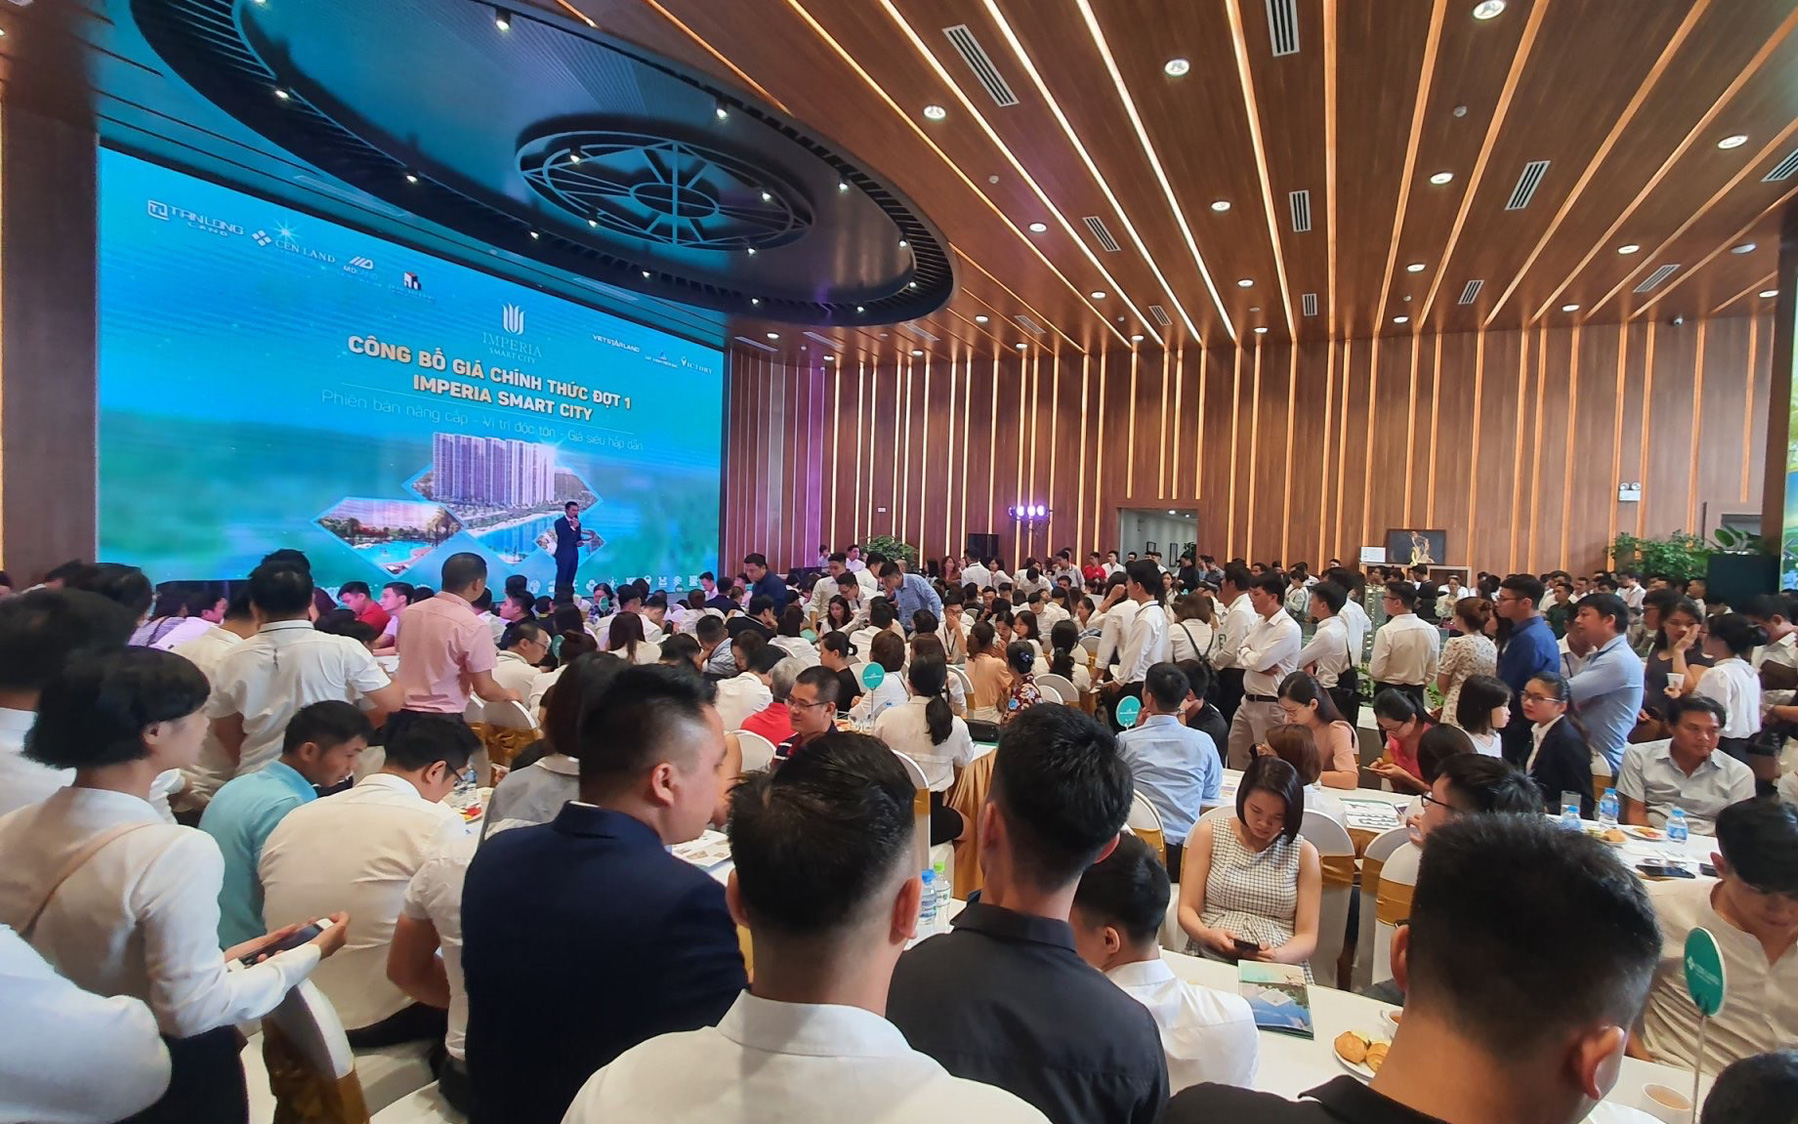 Công bố giá chính thức, Imperia Smart City tạo nên sức hút cho thị trường BĐS phía Tây